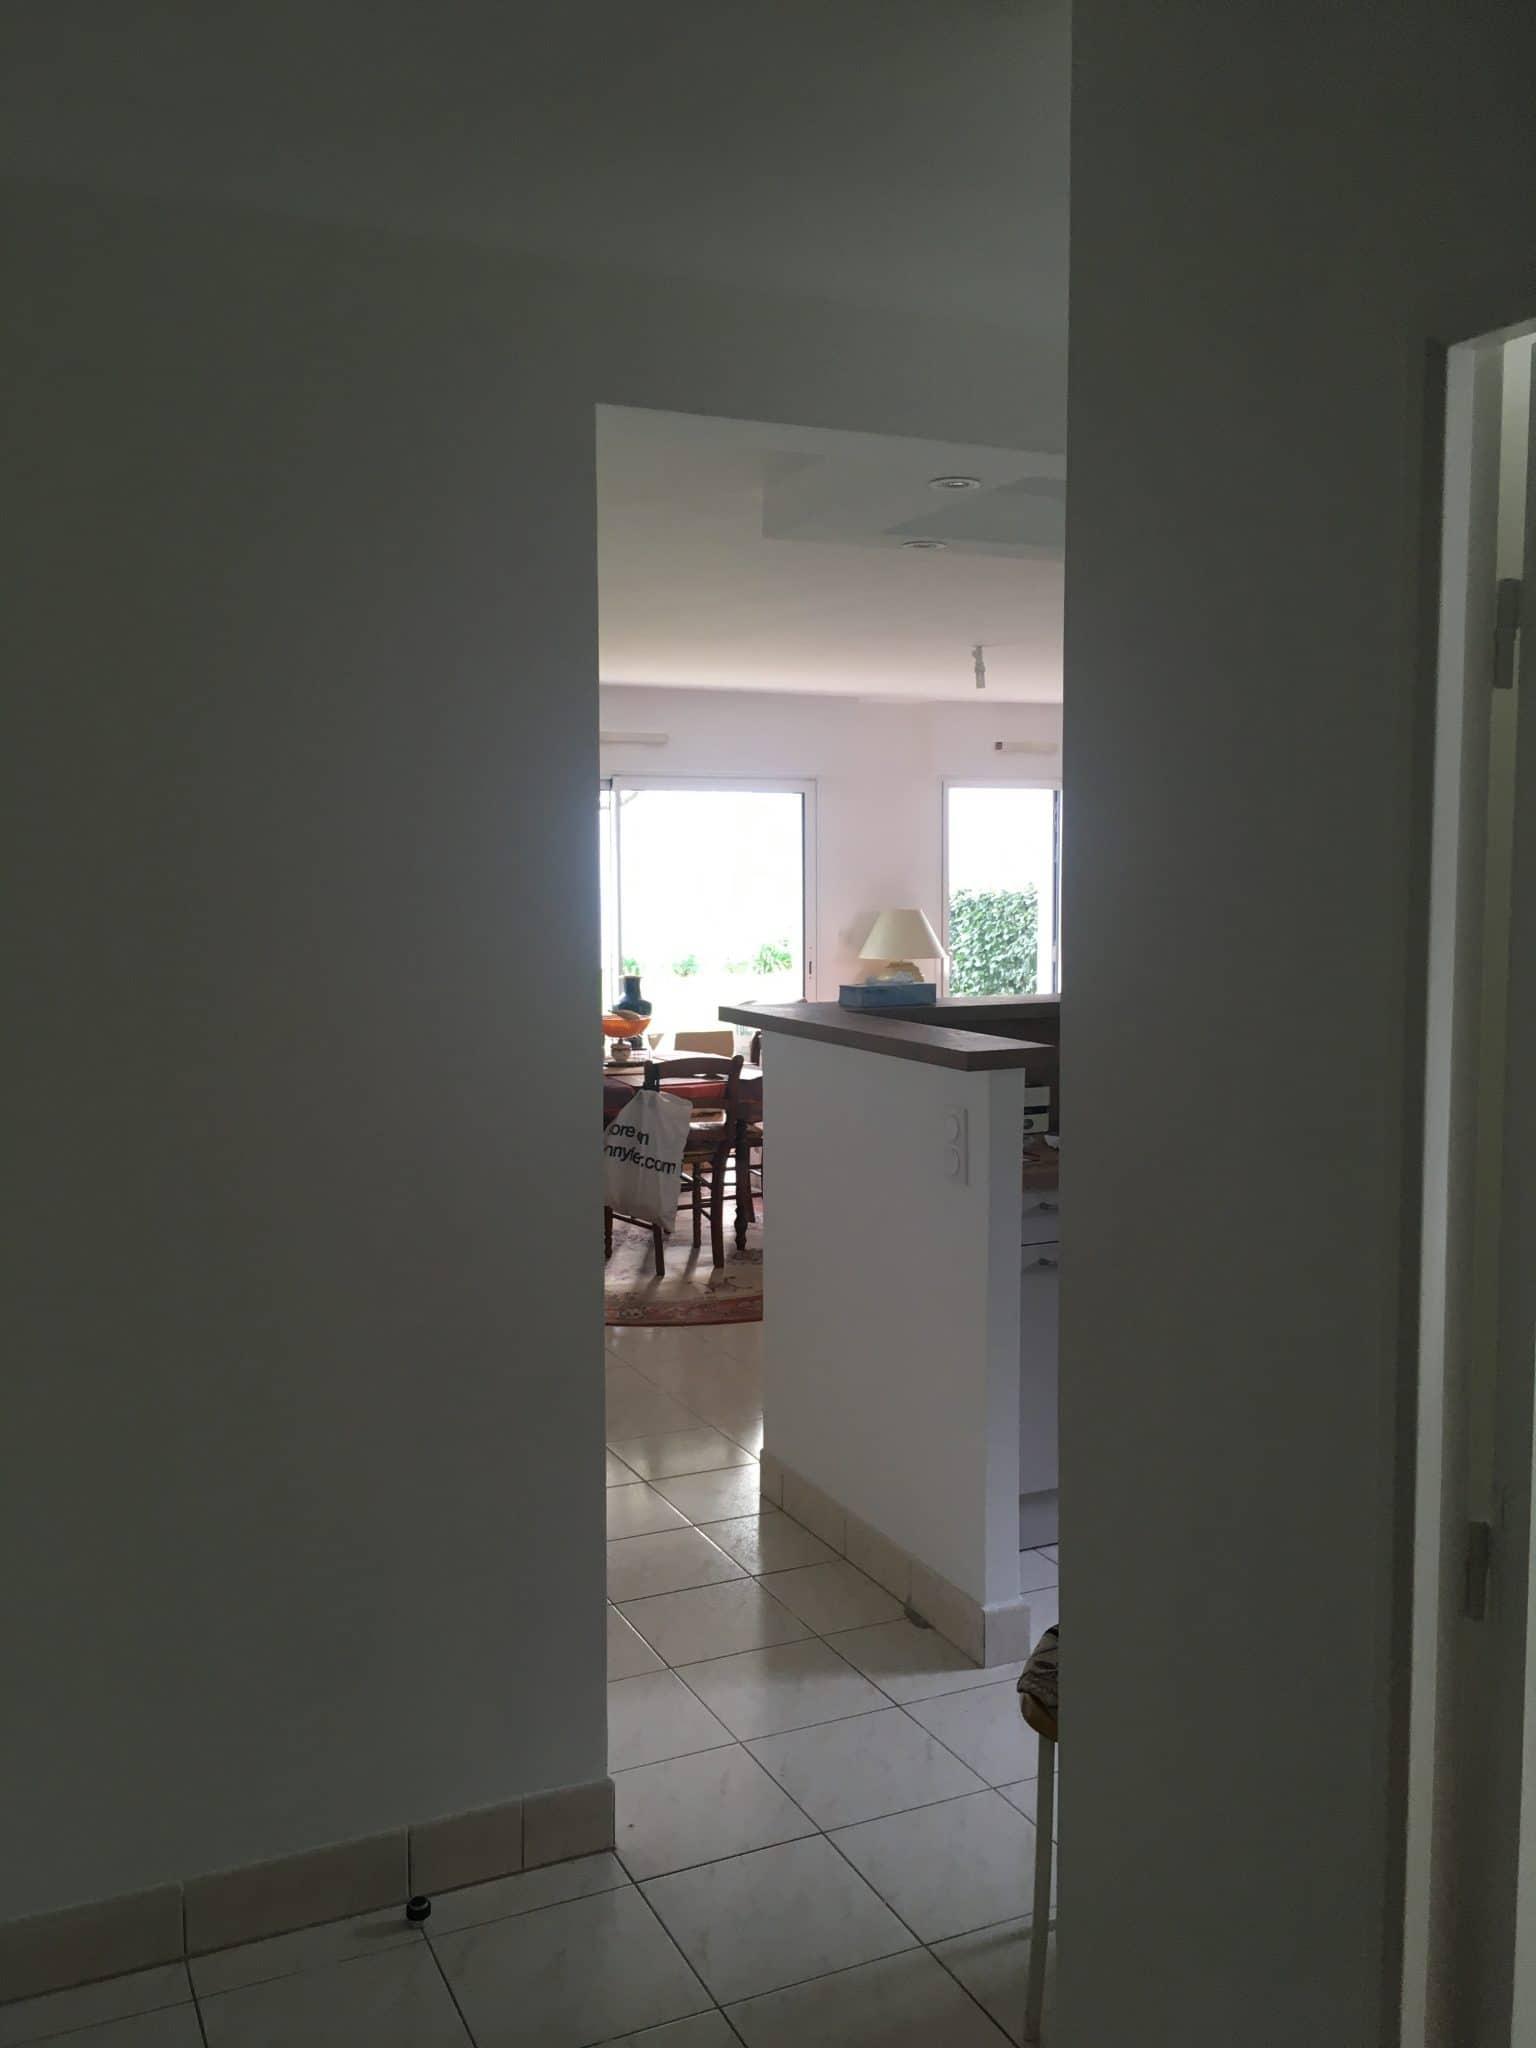 Rénovation d'appartement à Vannes (56)